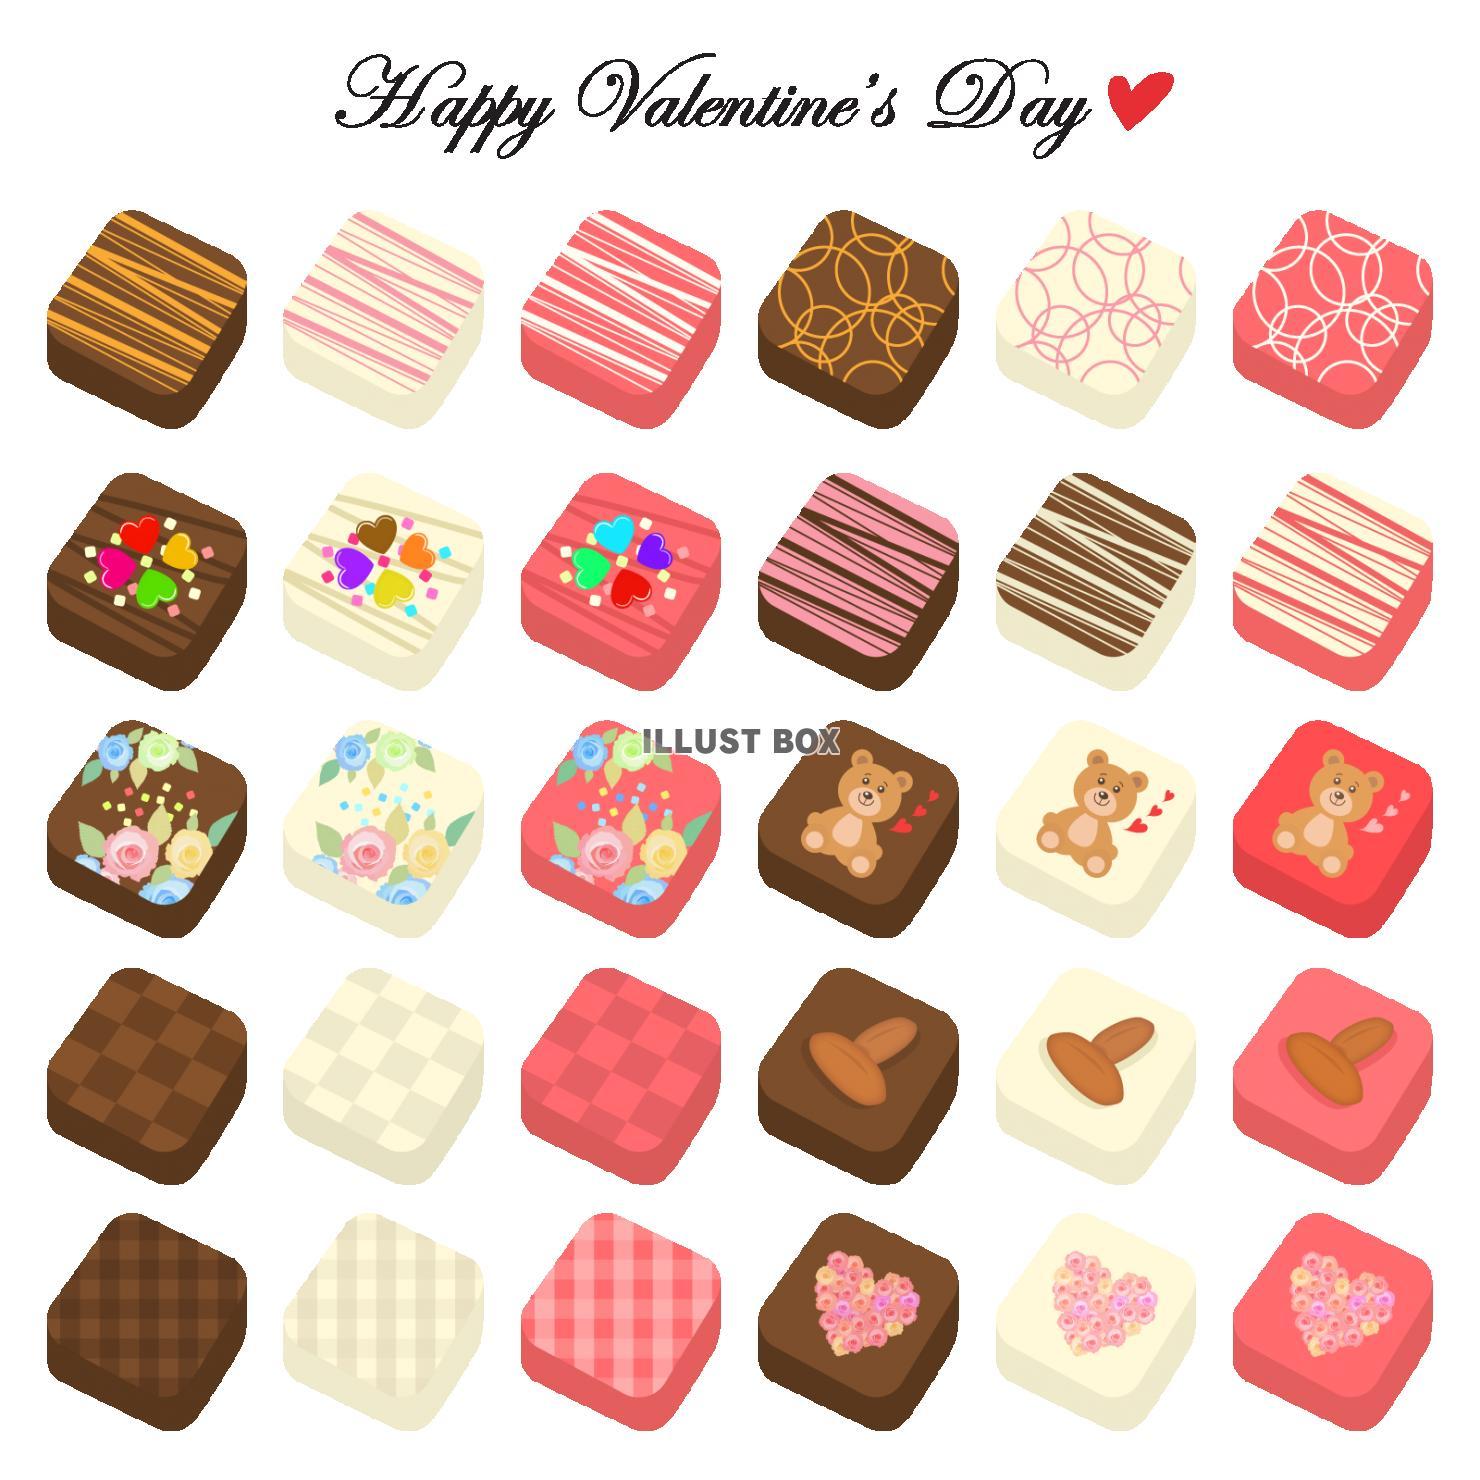 無料イラスト バレンタインのチョコレートセット